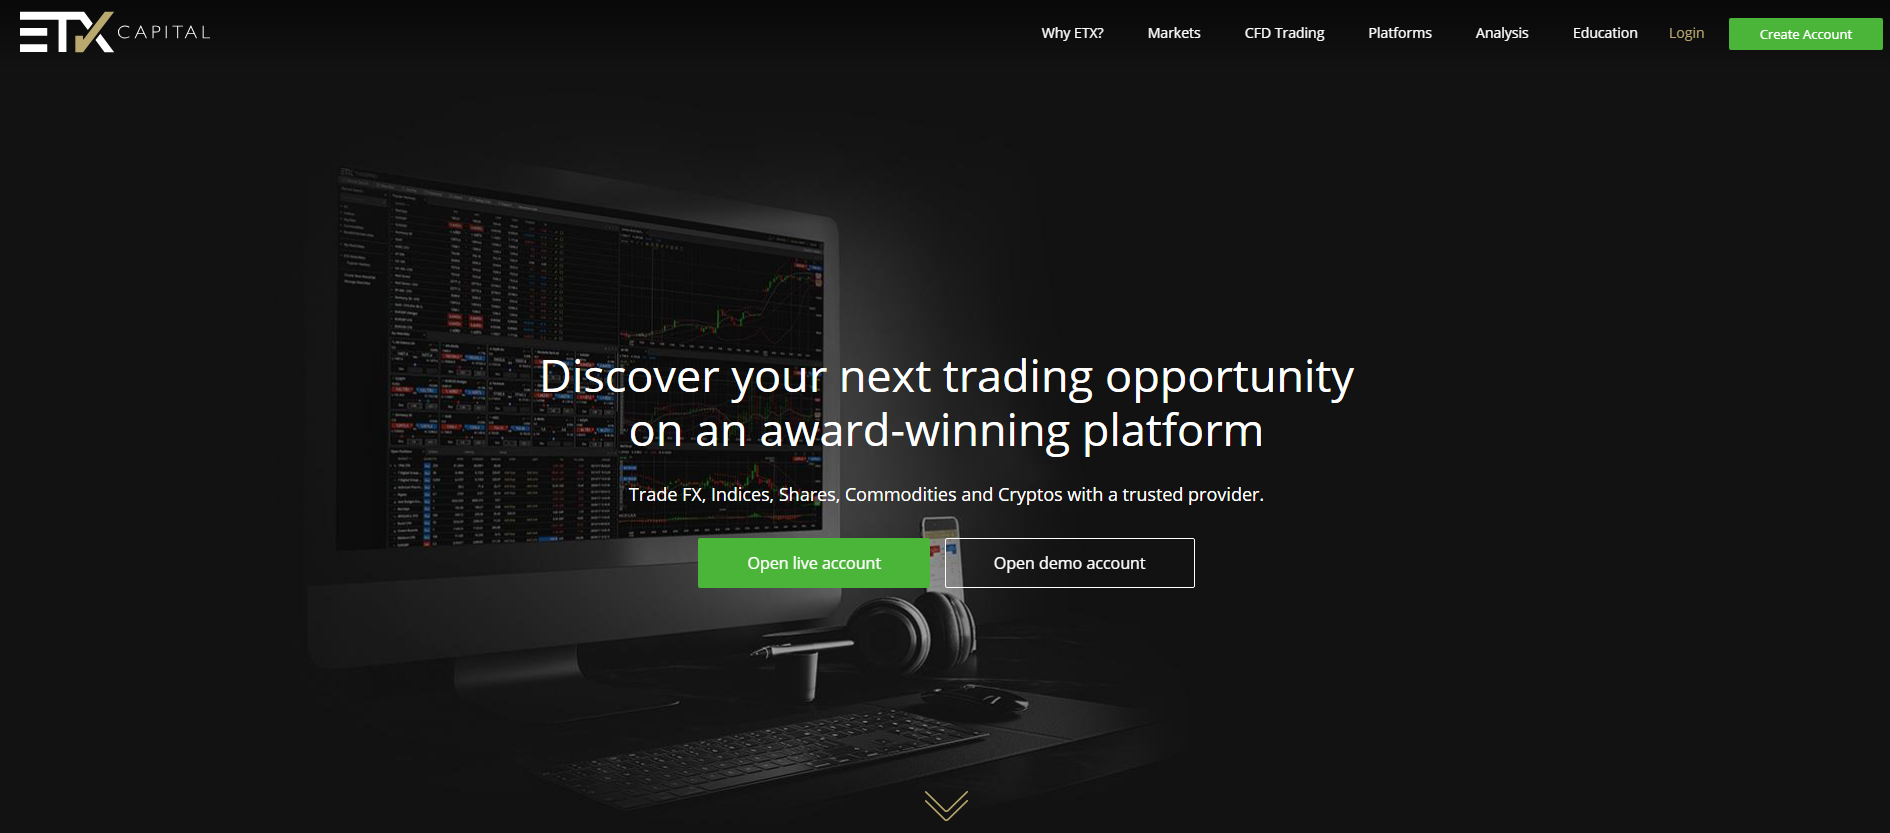 Etx capital forex